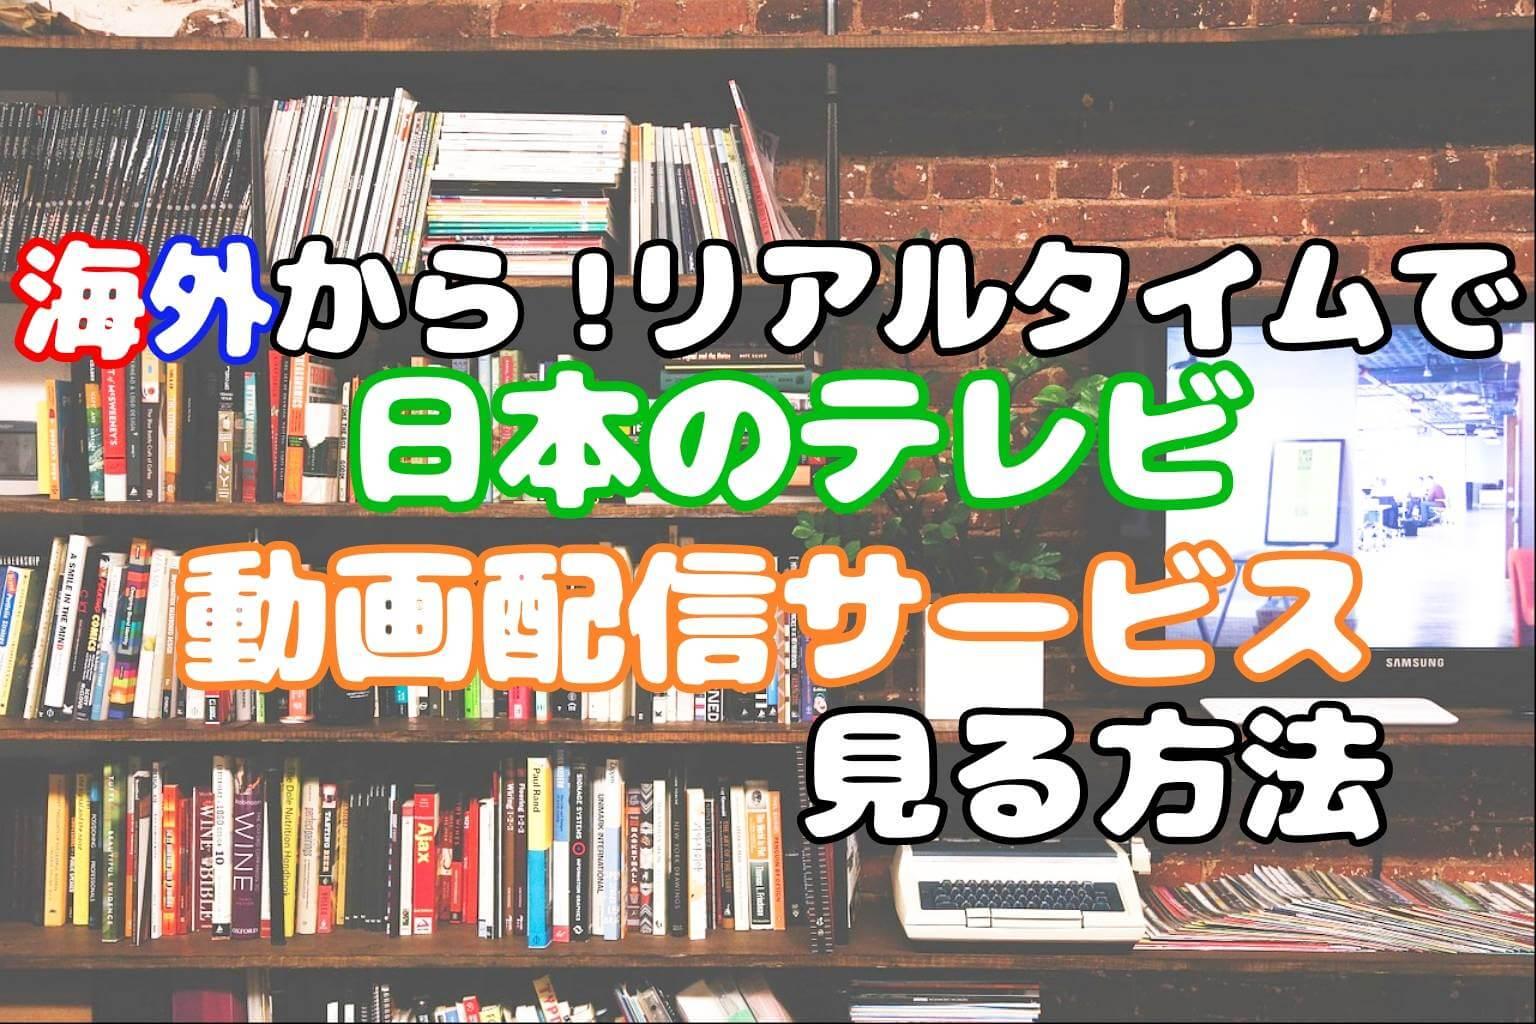 【解決】海外で日本のテレビを見る方法ガイド!リアルタイム視聴OK